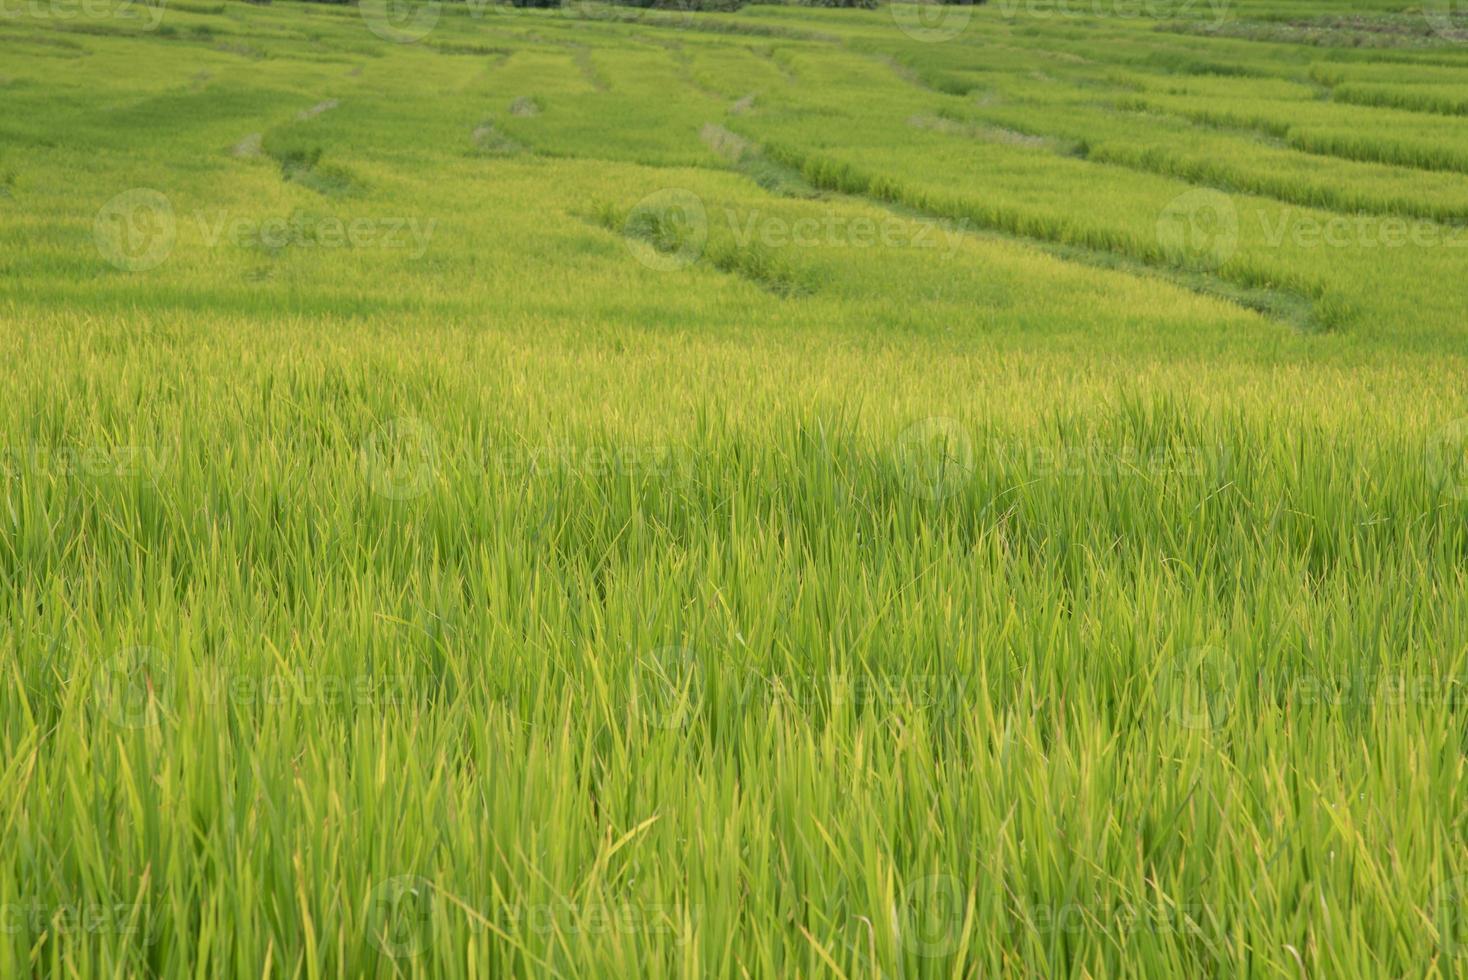 campi di riso verdi negli altopiani settentrionali della thailandia foto